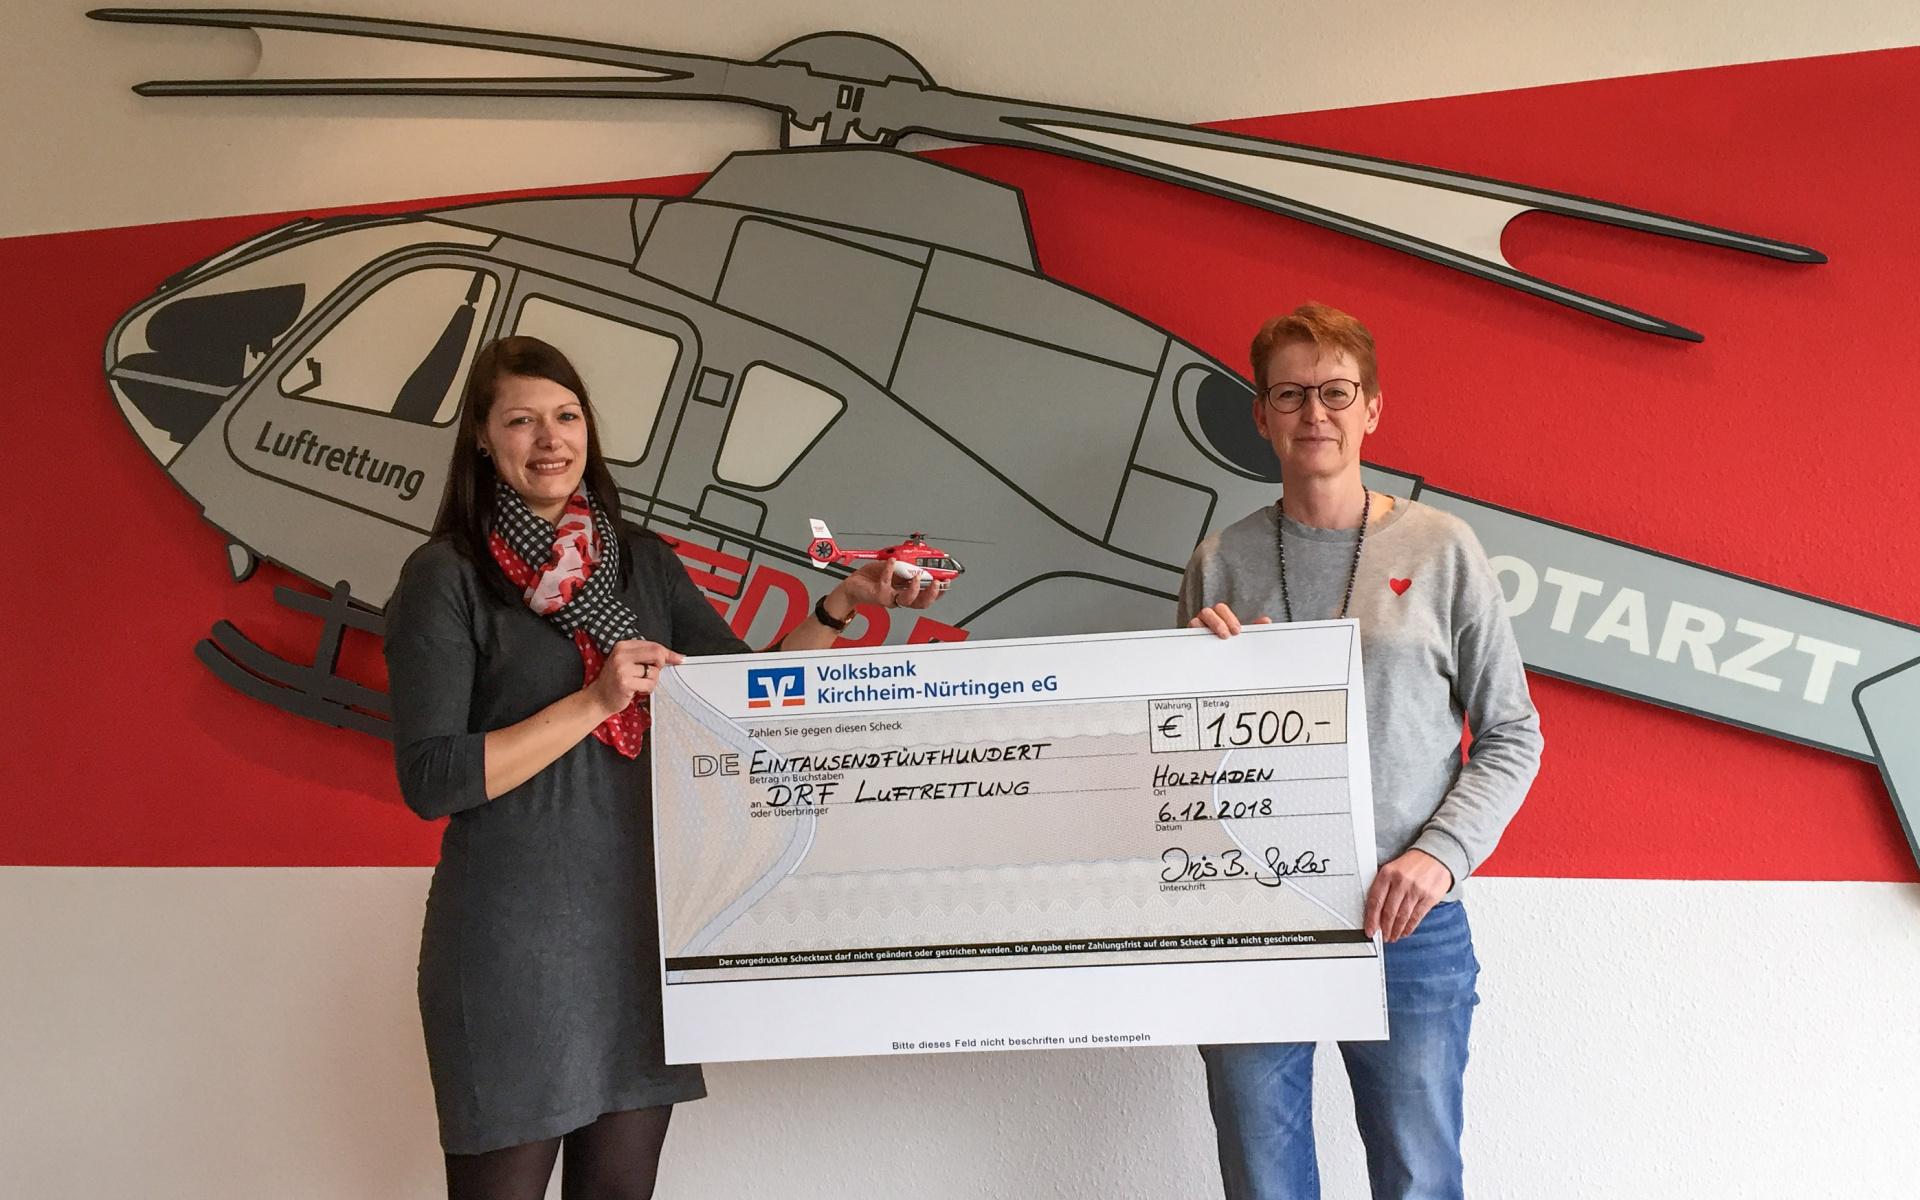 Mit allen beteiligten Spendern freut sich Iris B. Sailer, eine Summe von 1.500 Euro an den Förderverein der DRF Luftrettung, den DRF e.V., in Filderstadt spenden zu können.